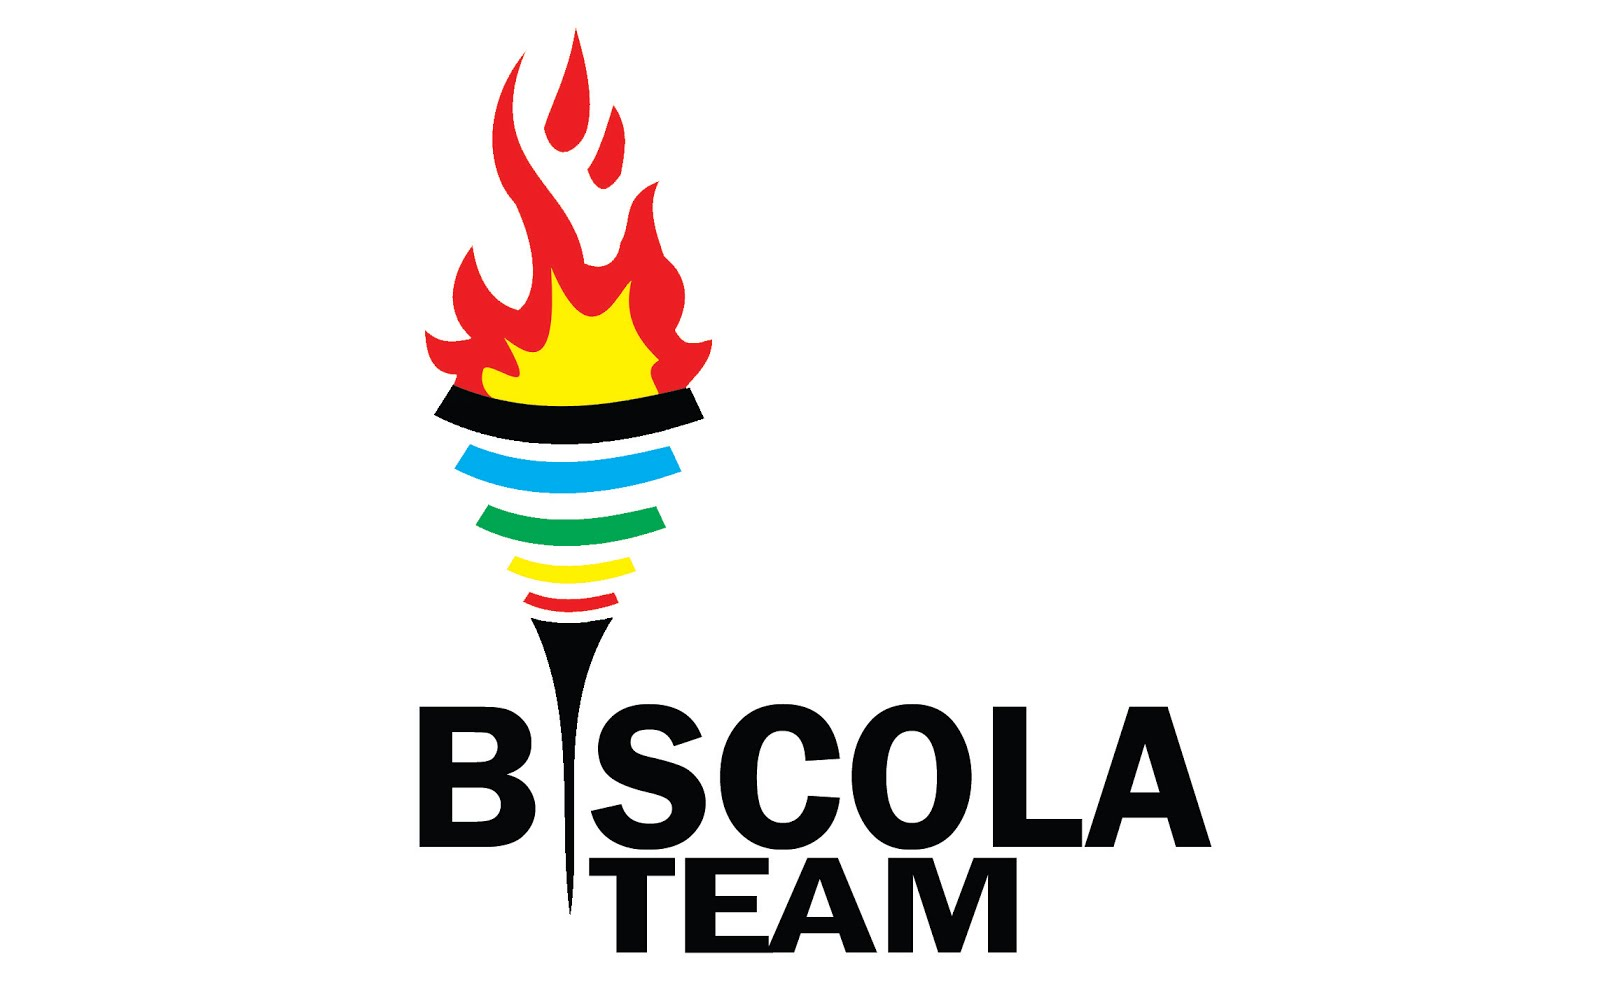 Biscola Team